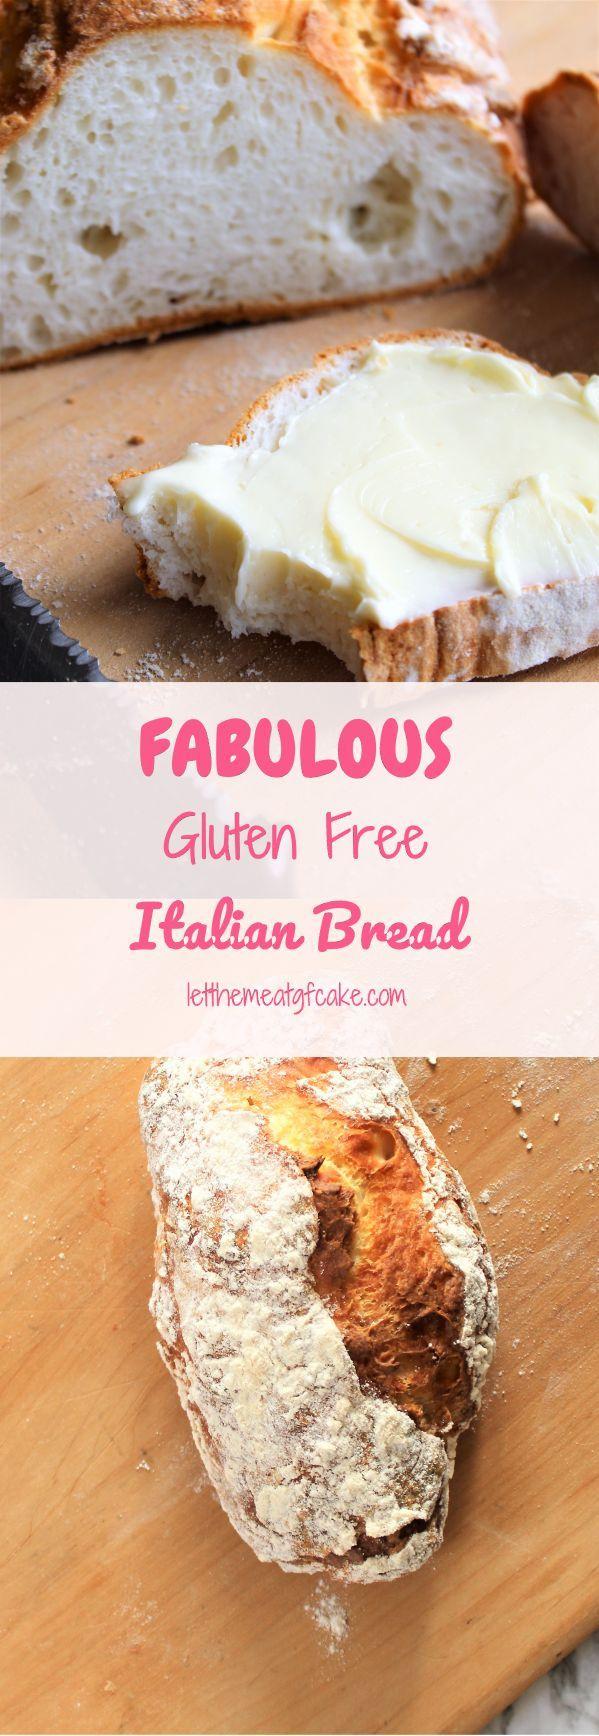 Fabulous Gluten Free Italian Bread | Let Them Eat Gluten Free Cake